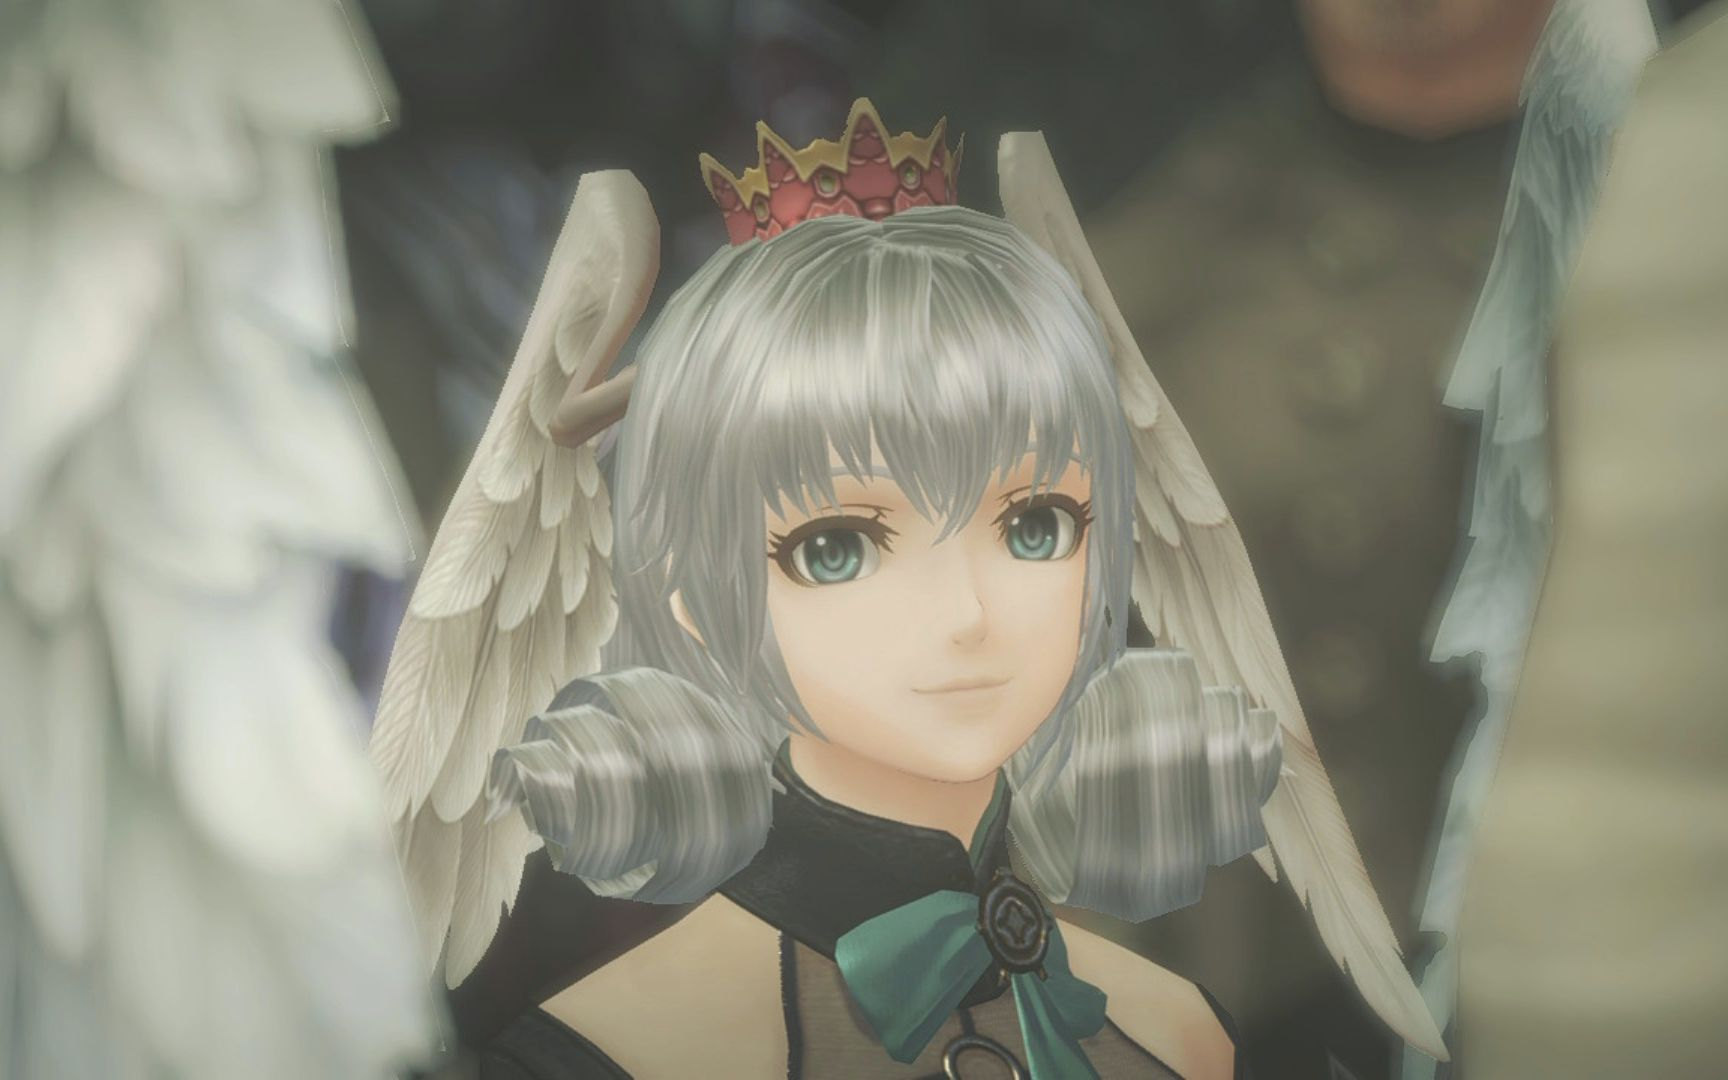 NS游戏 异度之刃 异度神剑 终极版 相连的未来 实况娱乐流程 第十一期 完结撒花